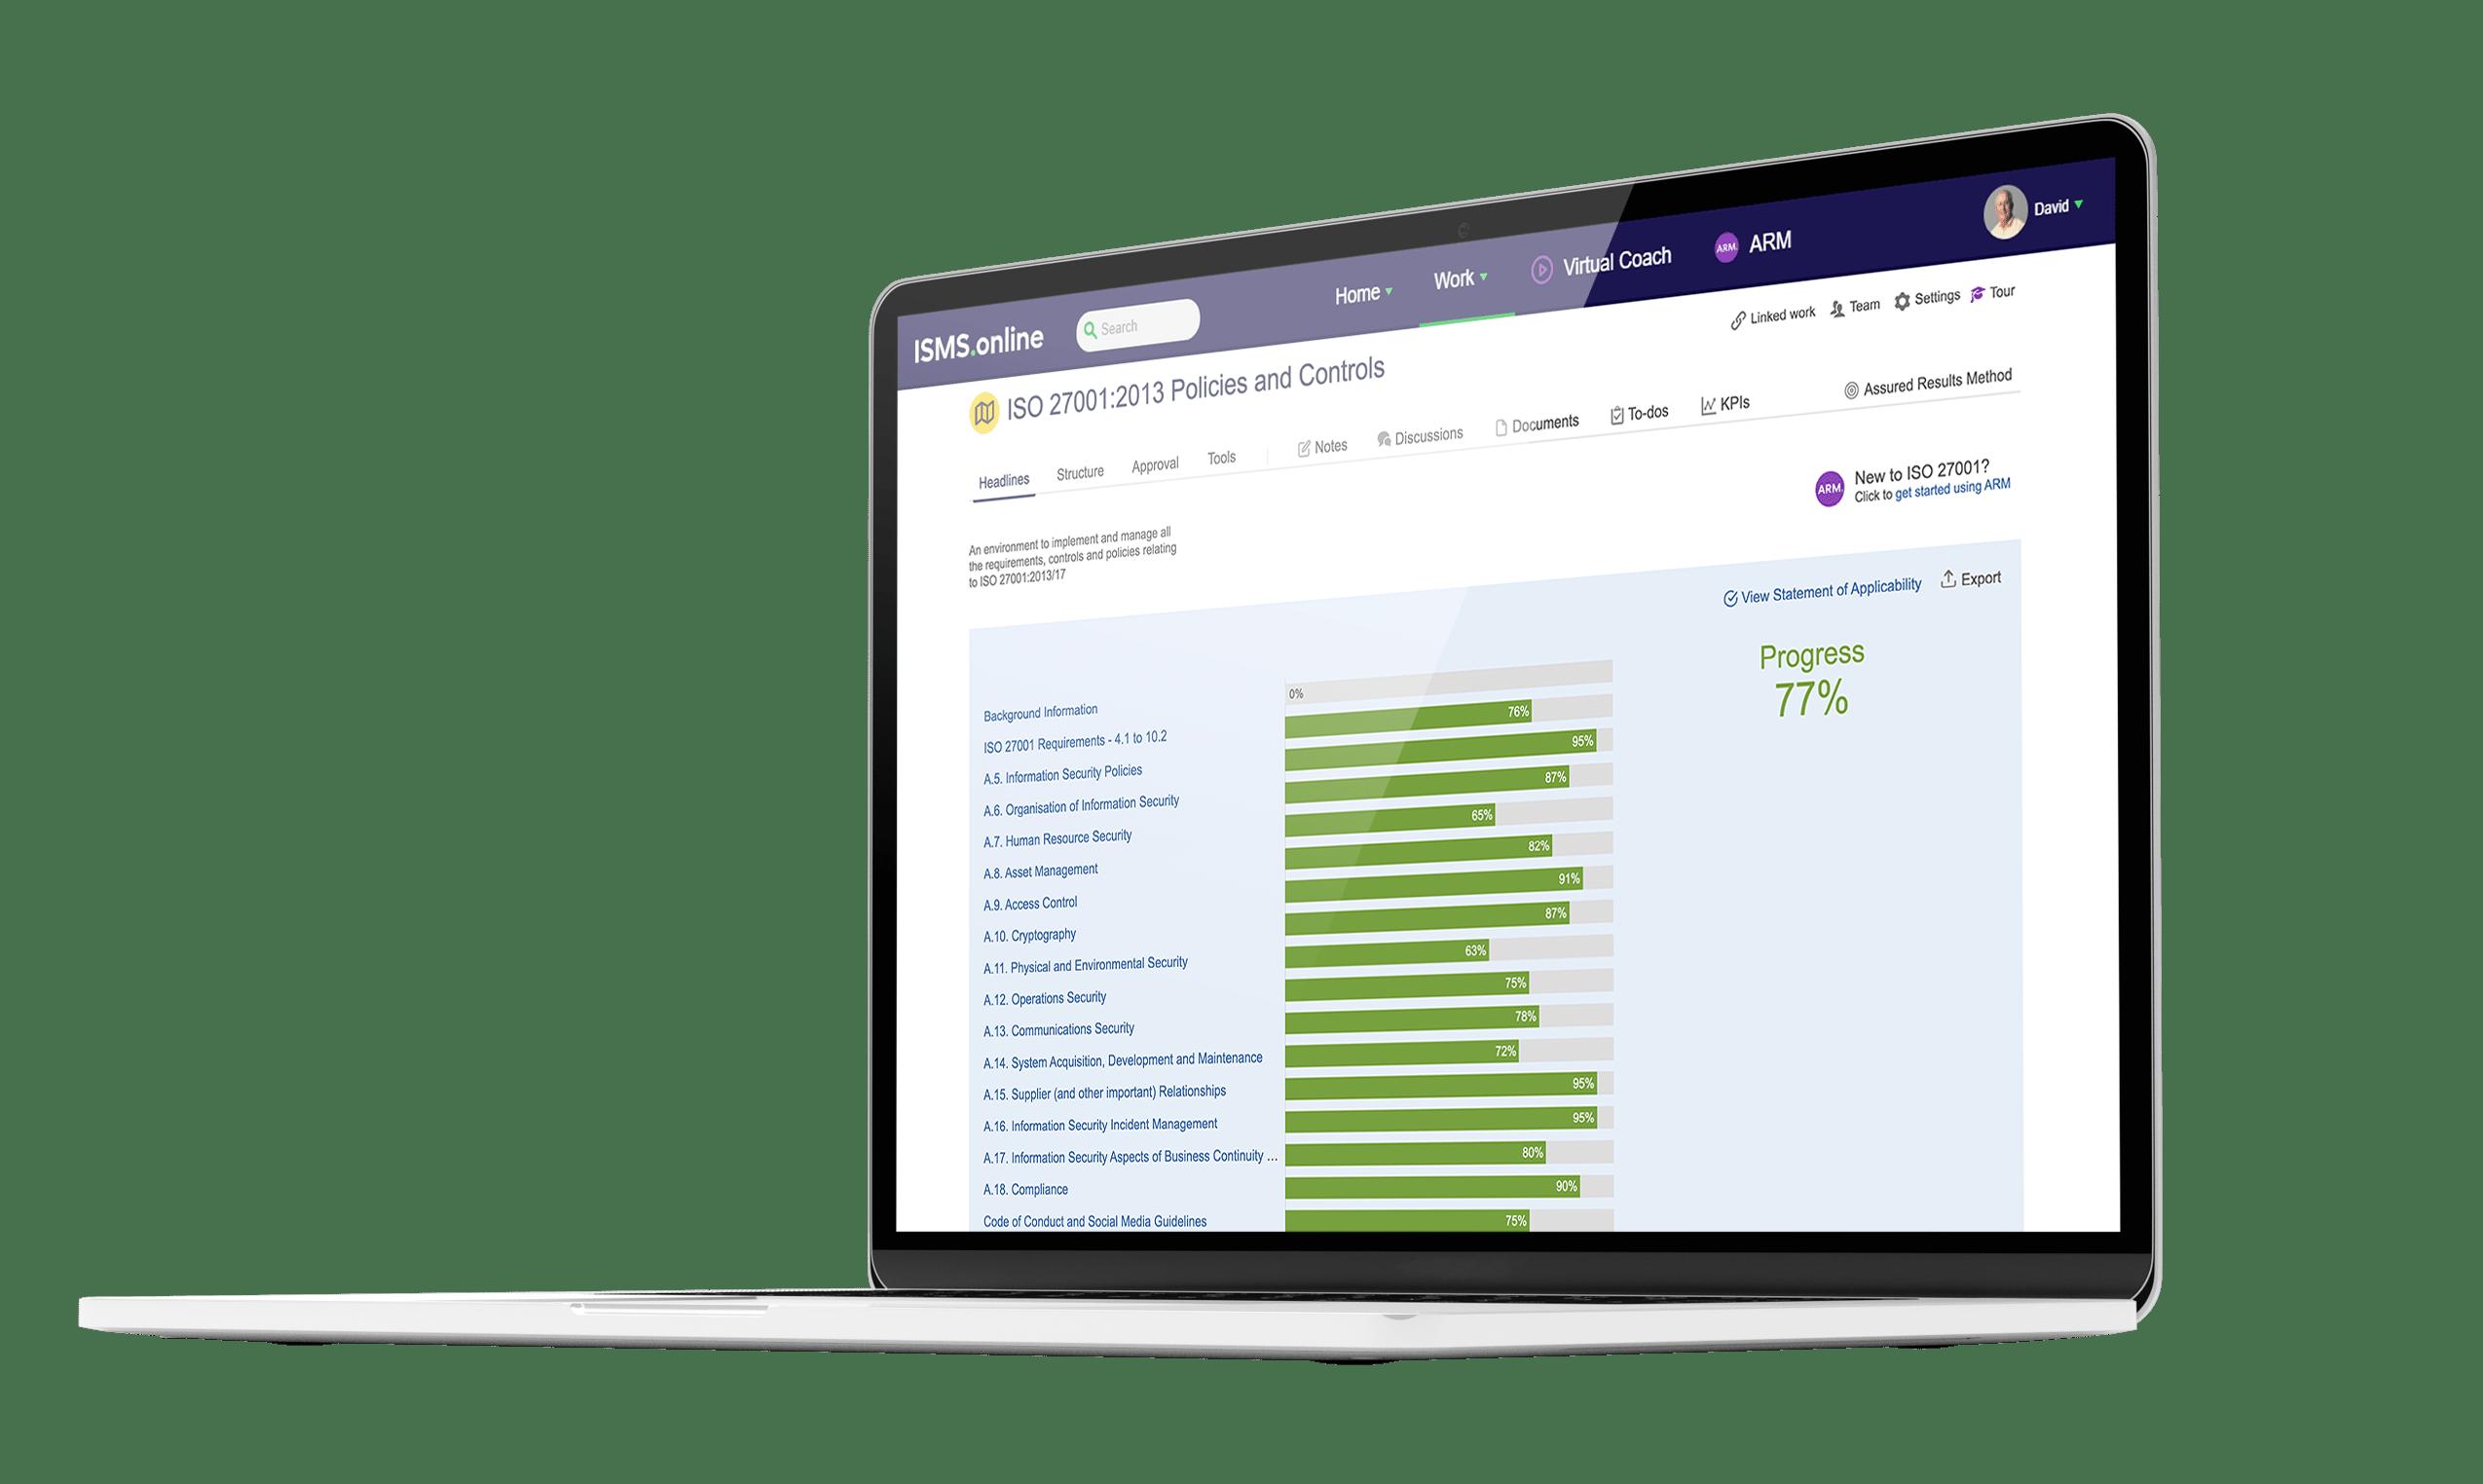 ISMS.online platform dashboard